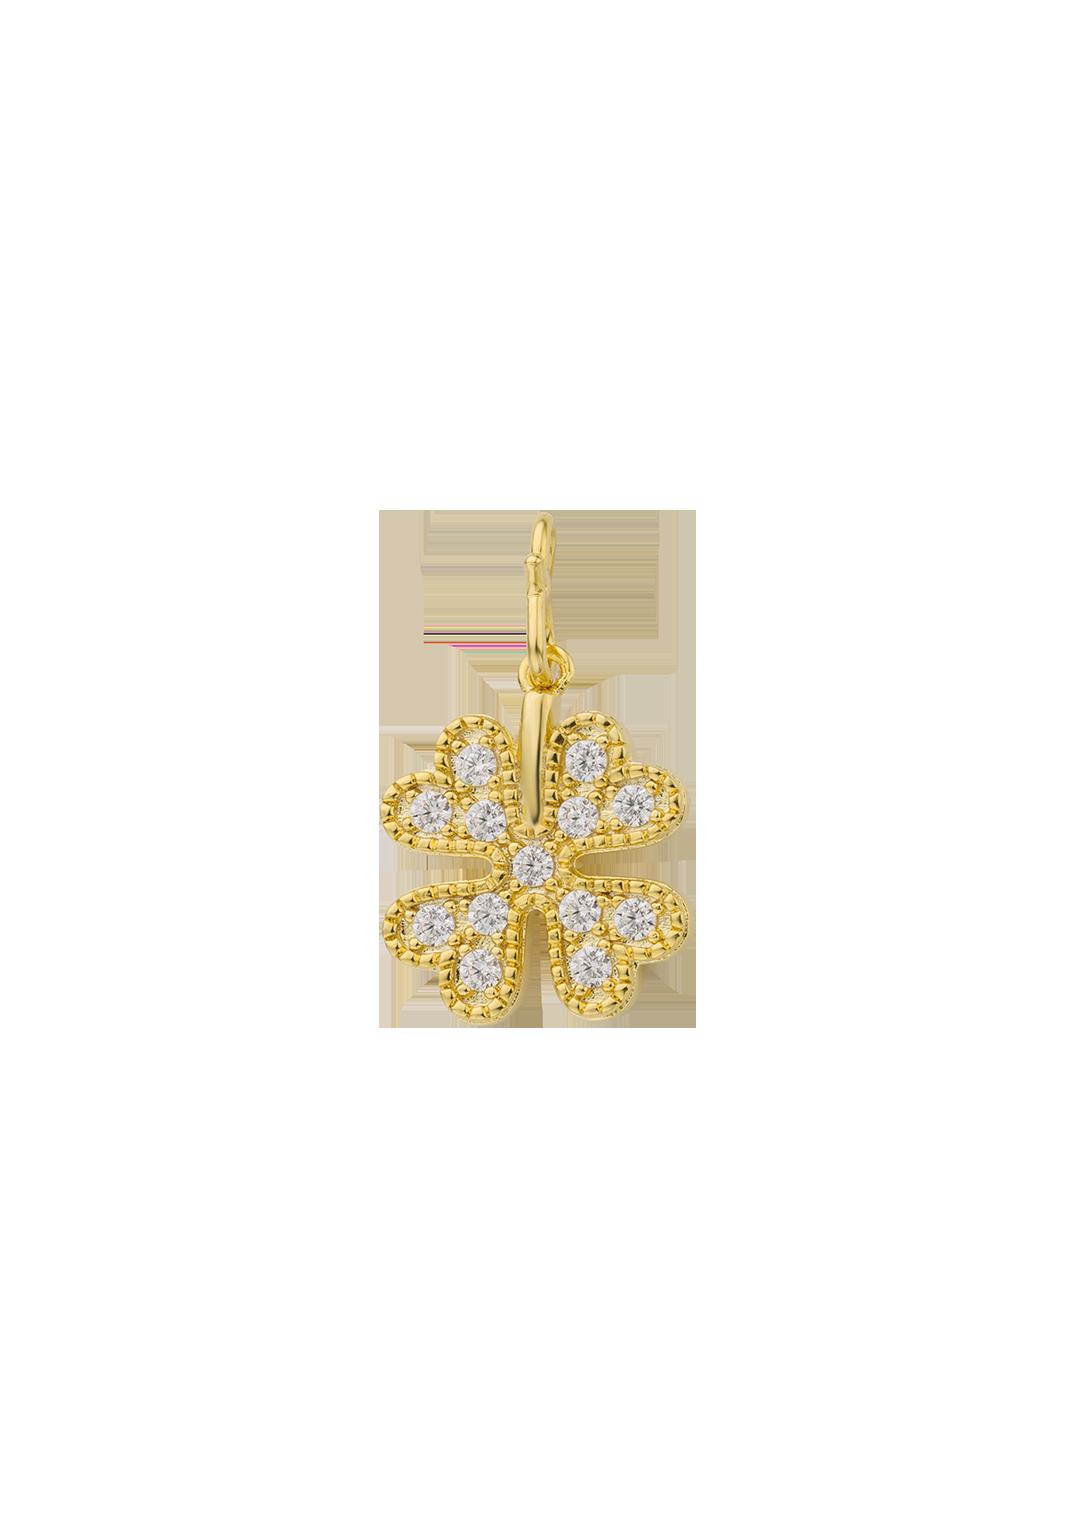 CHARMS_MYA_BAY_GRI_GRI_TREFLE_GOLD_DORE_45